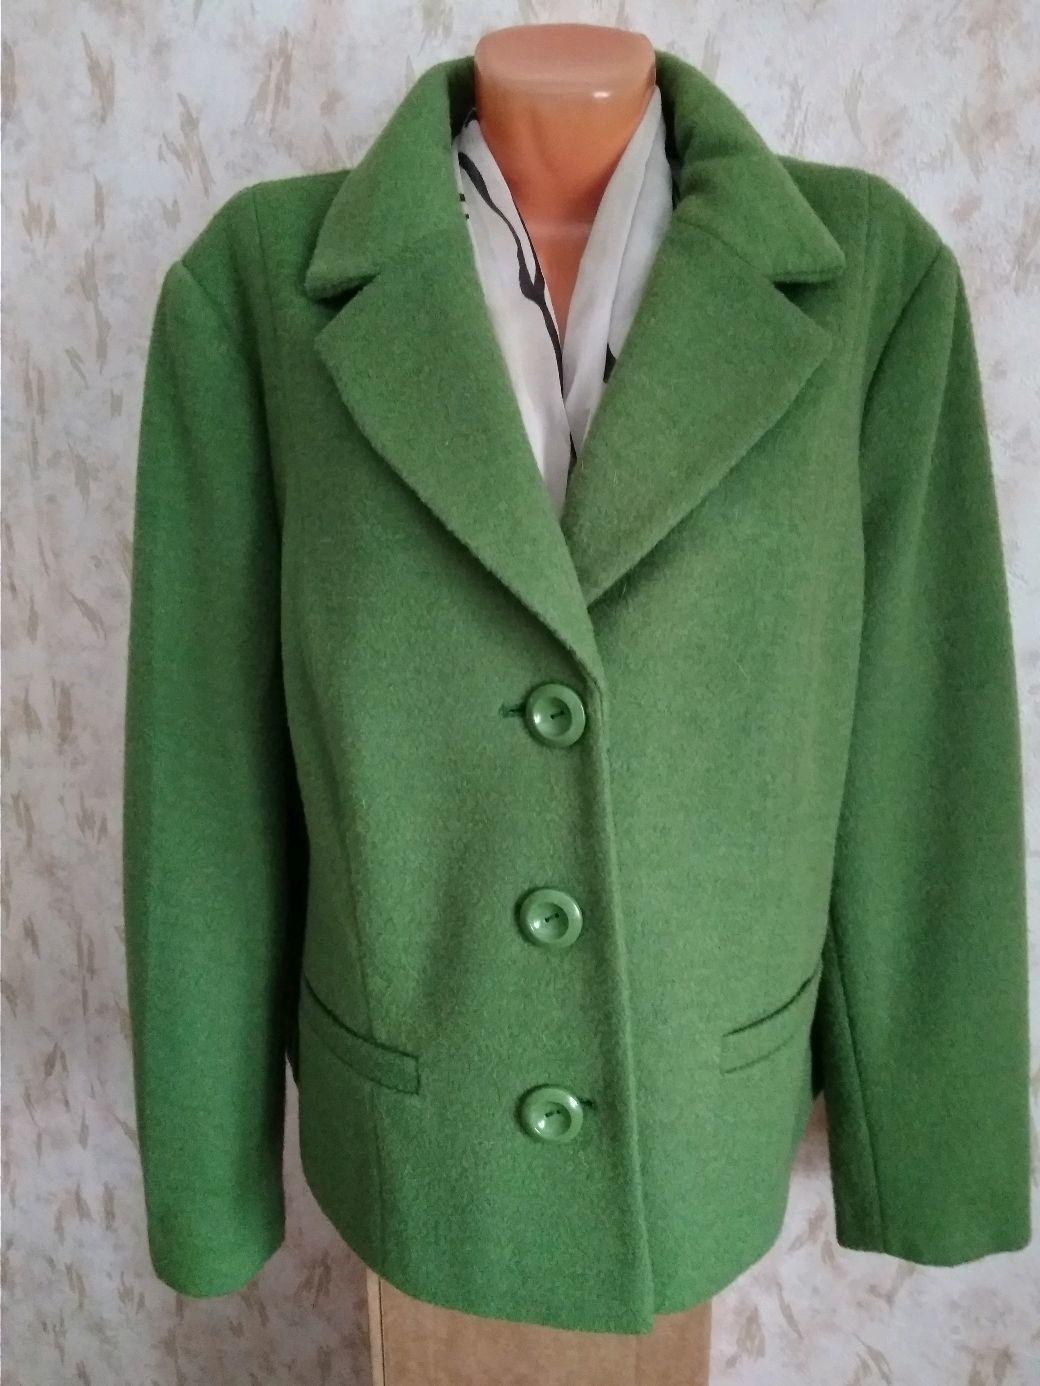 Винтаж: Жакет из ткани с шерстью 56/58 размер, Одежда винтажная, Фирово,  Фото №1